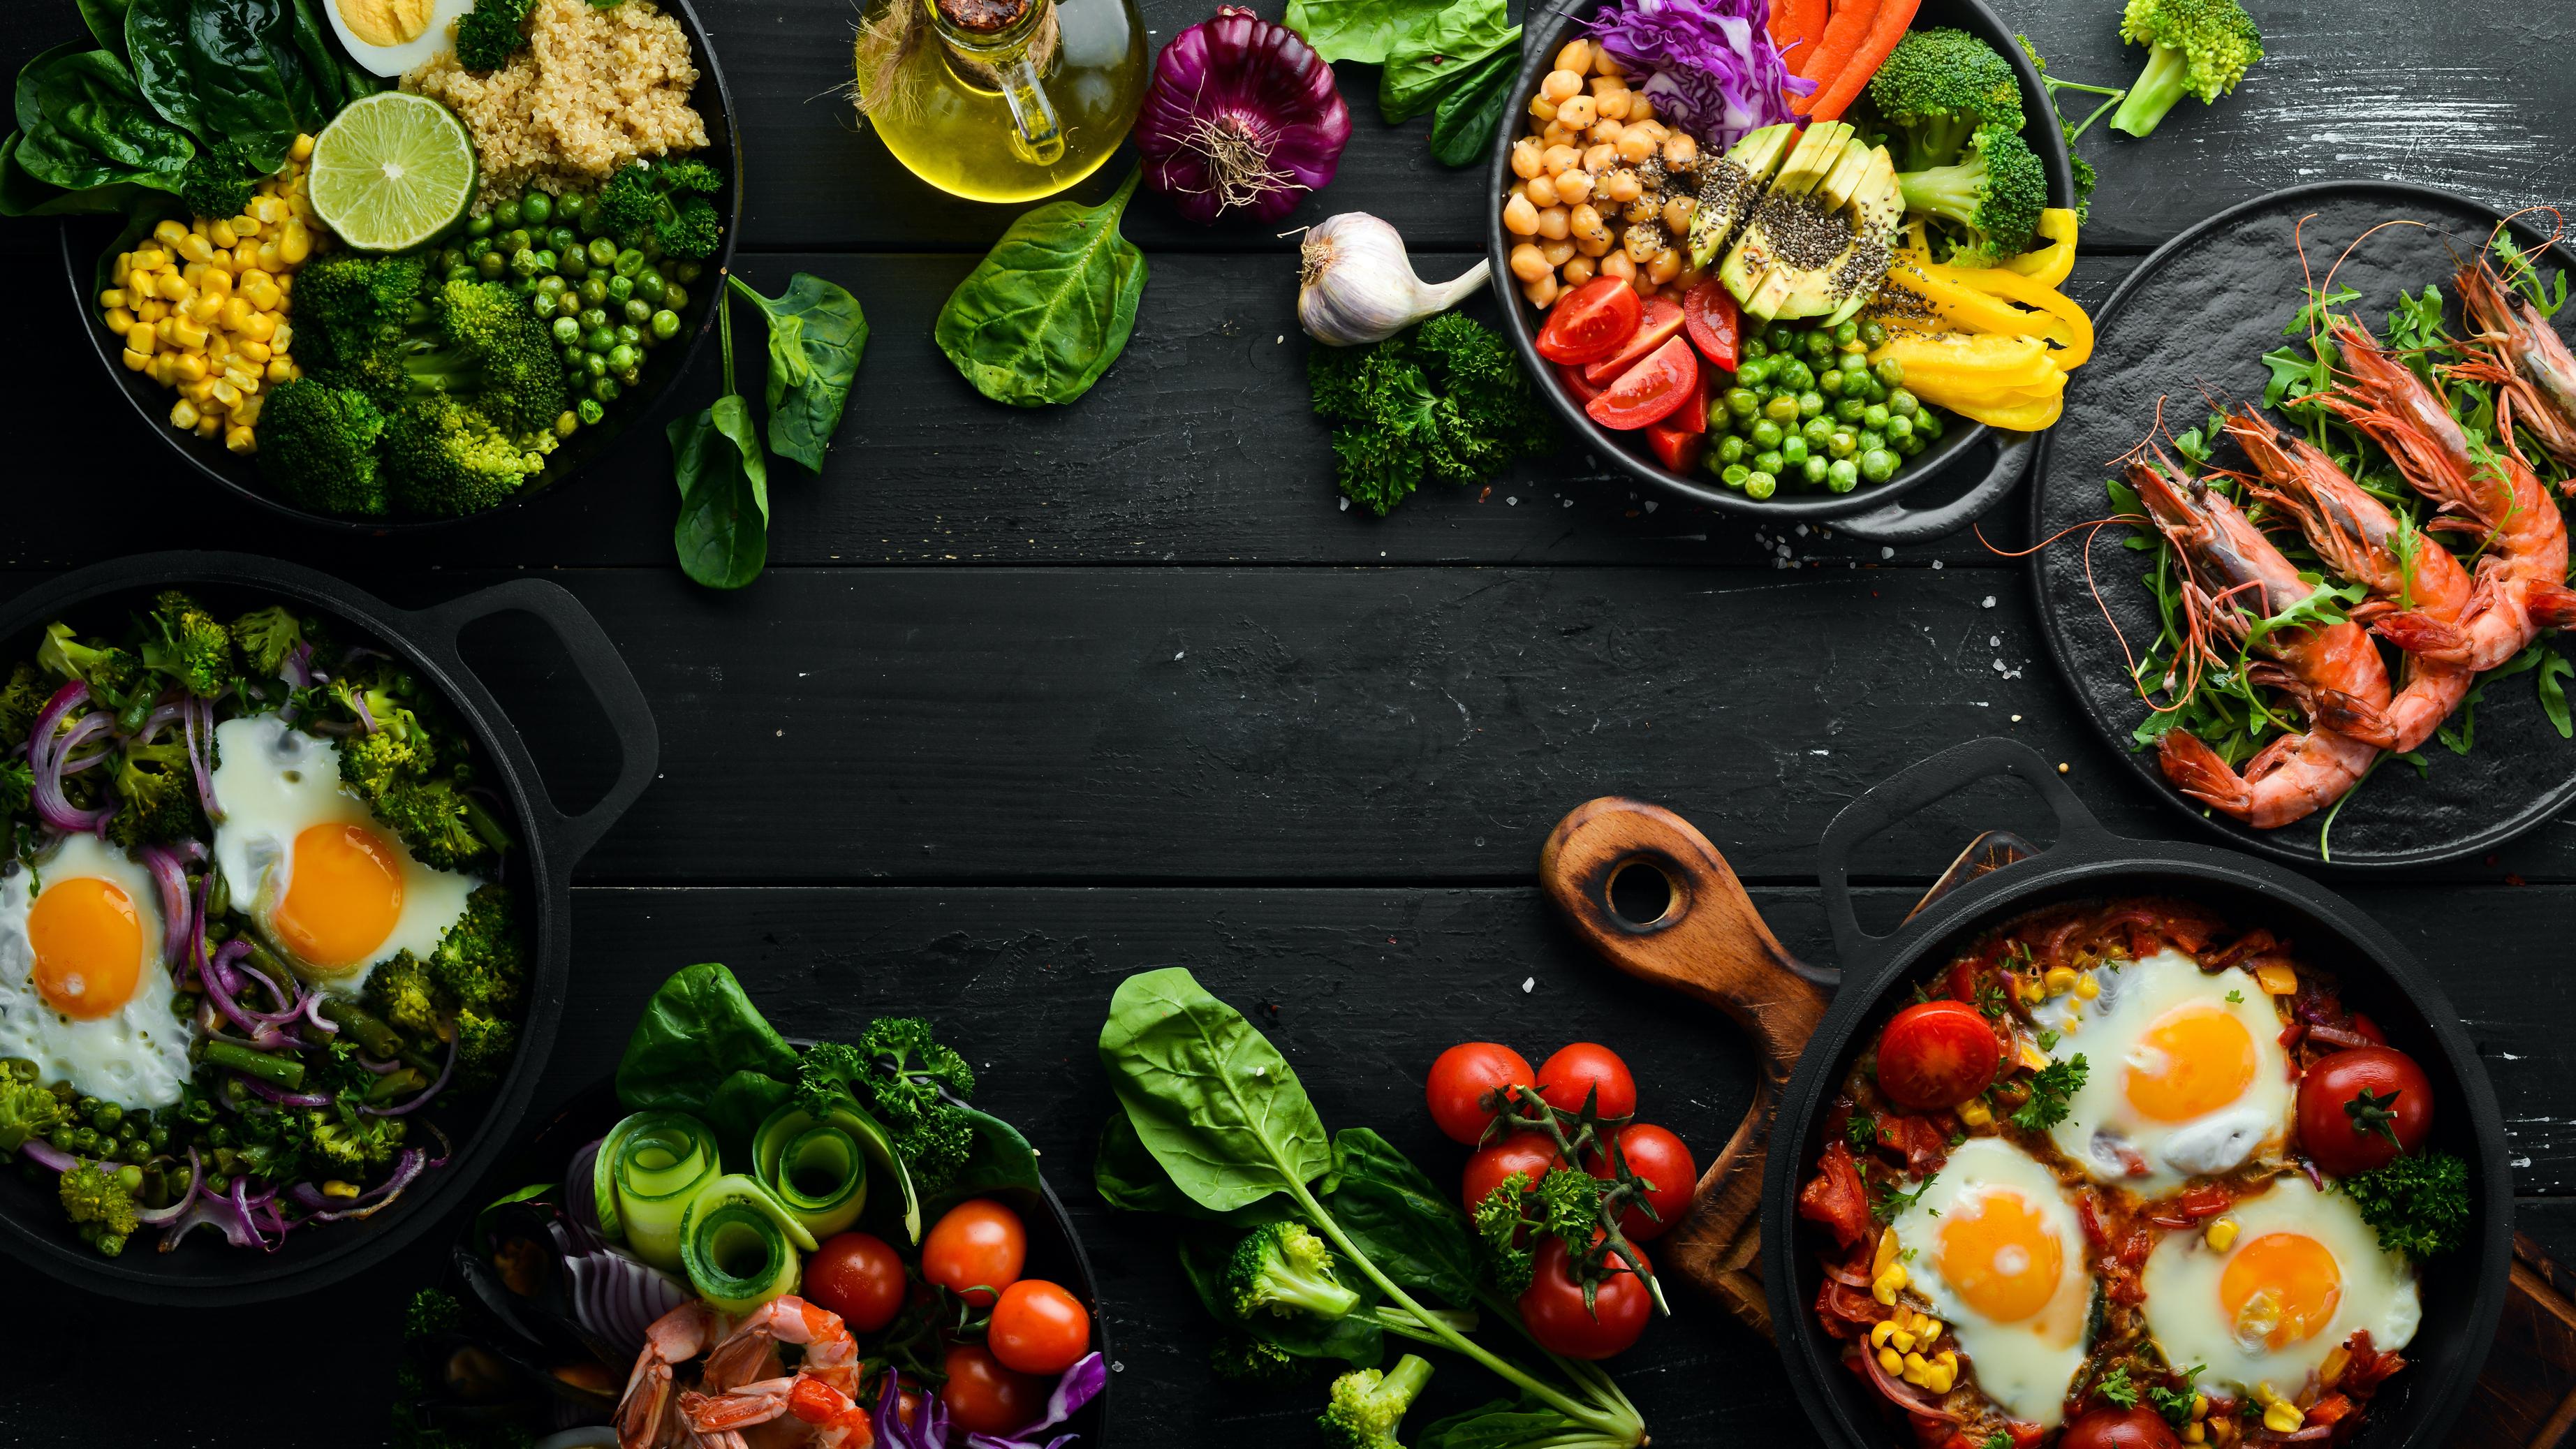 stół z potrawami i warzywami